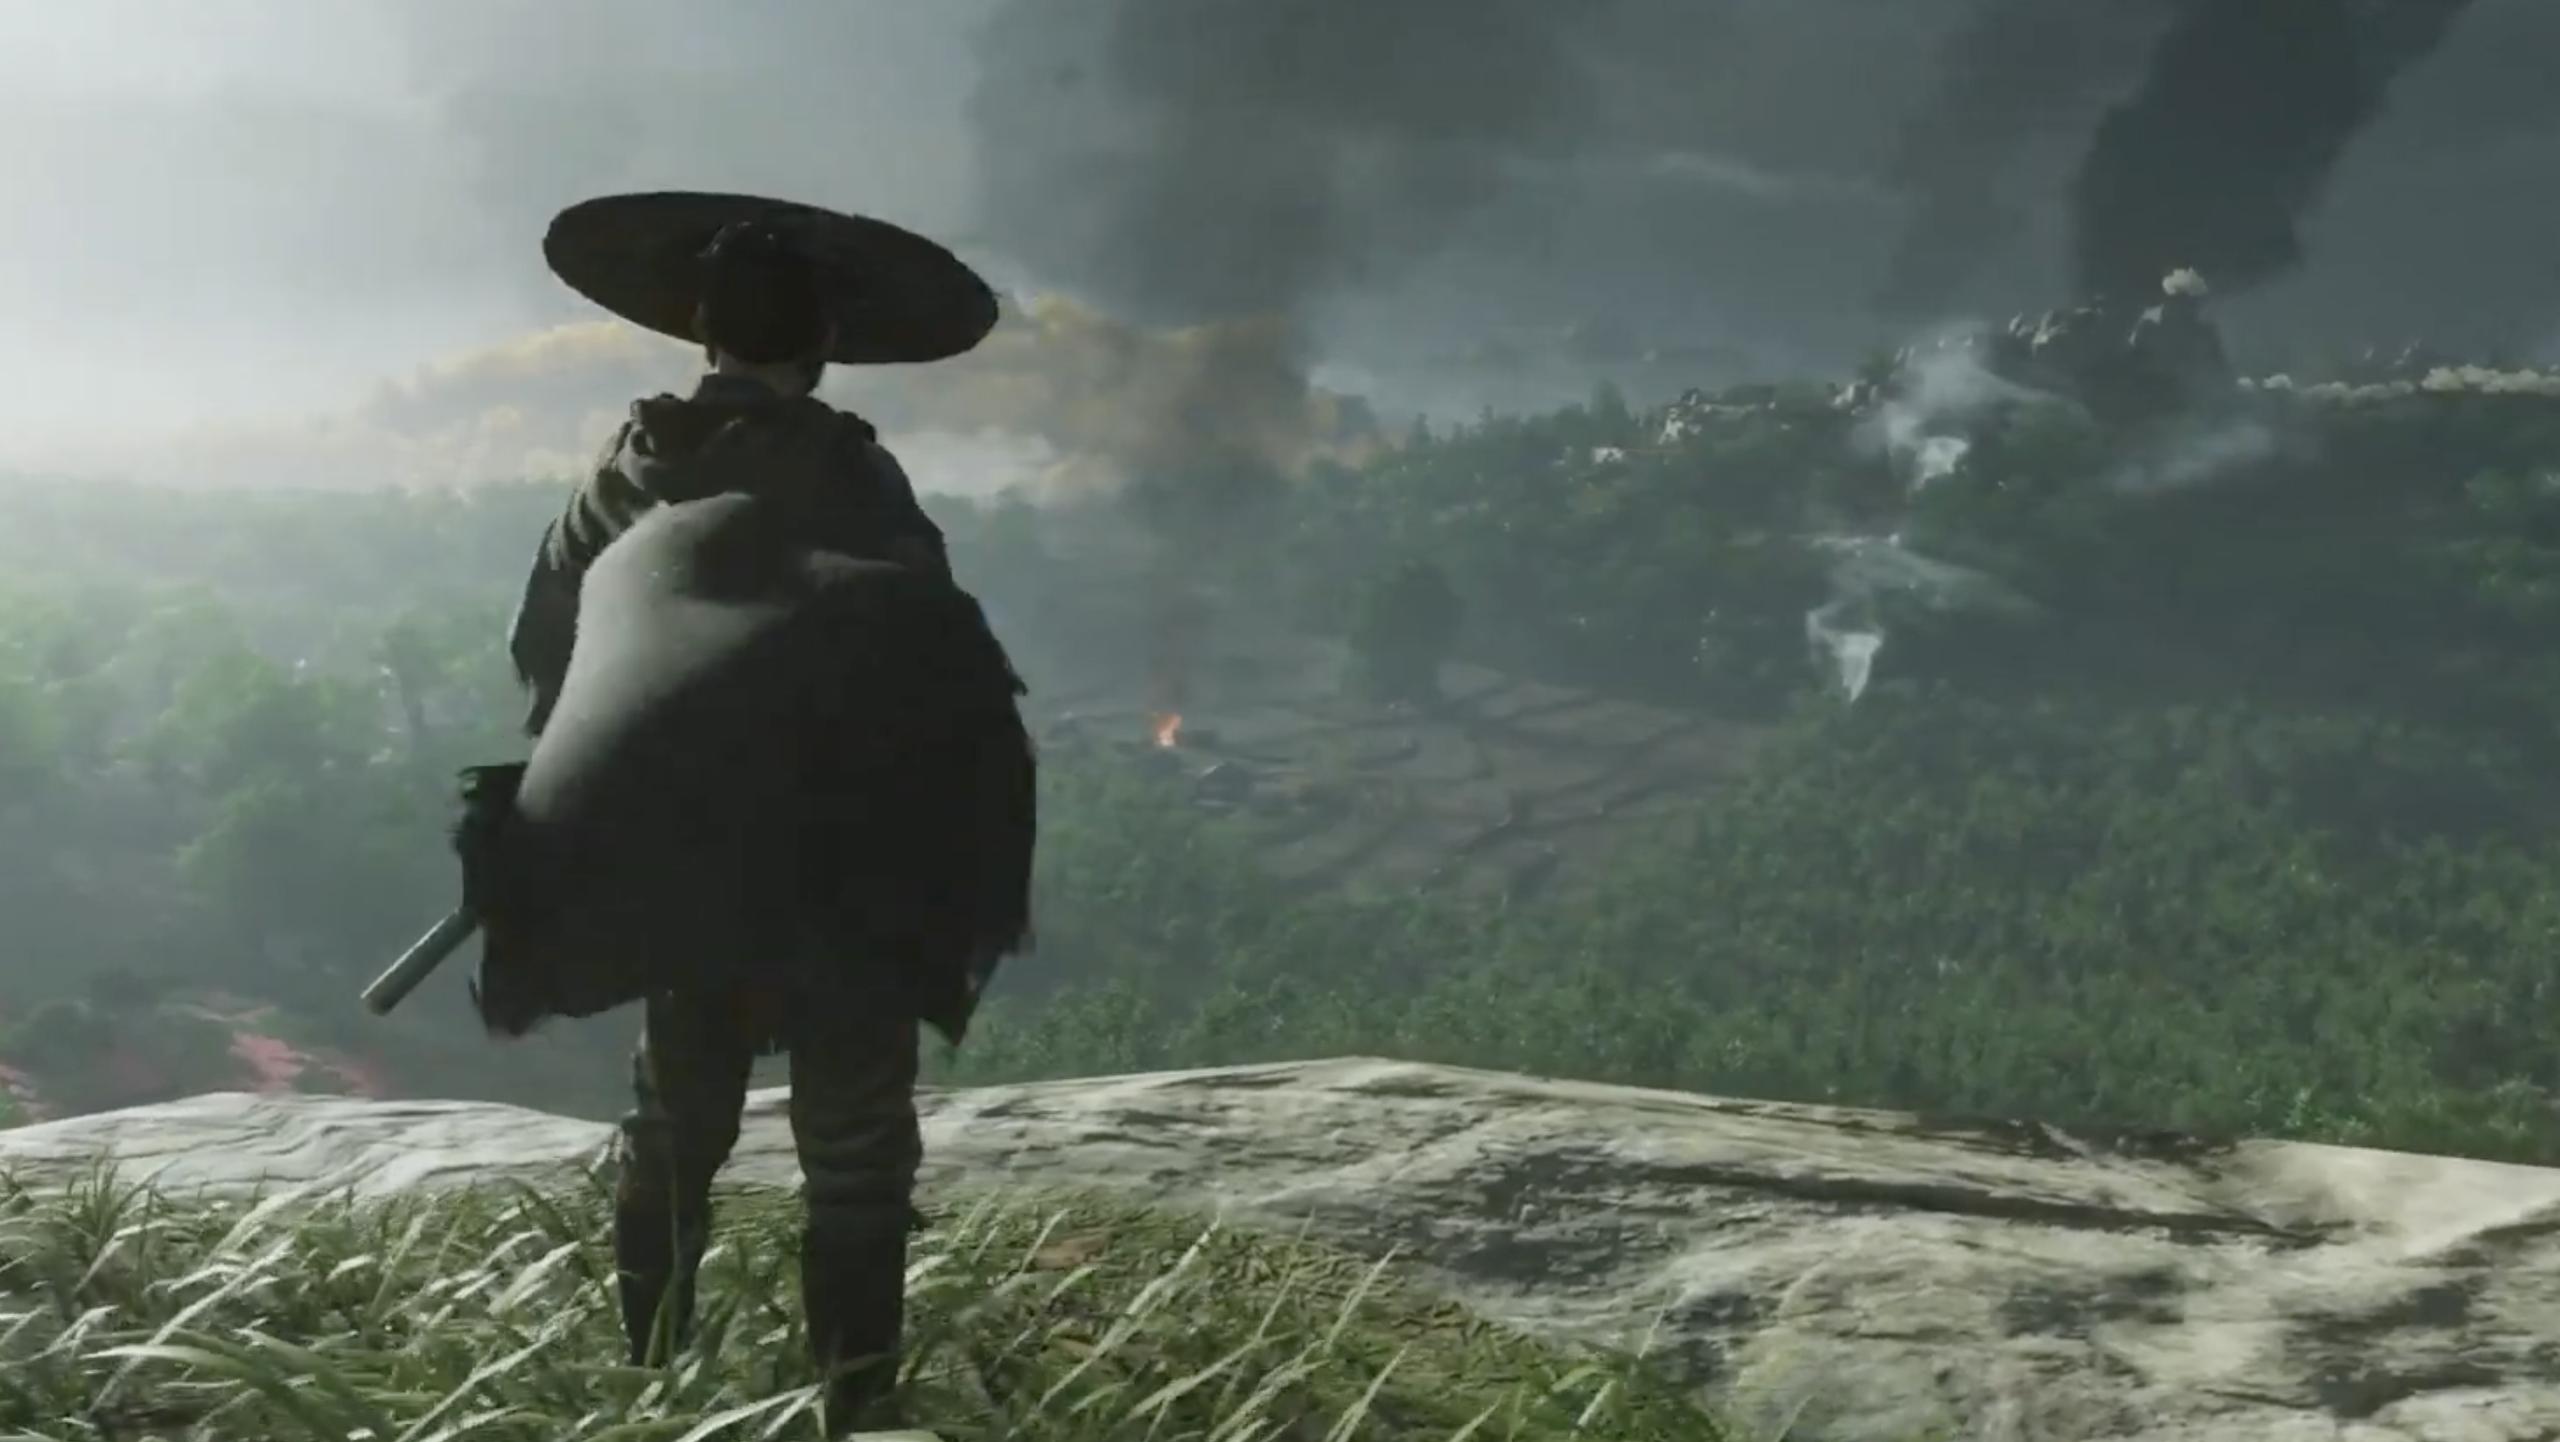 Ghost of Tsushima - Gameplay Captures d'écran État de jeu